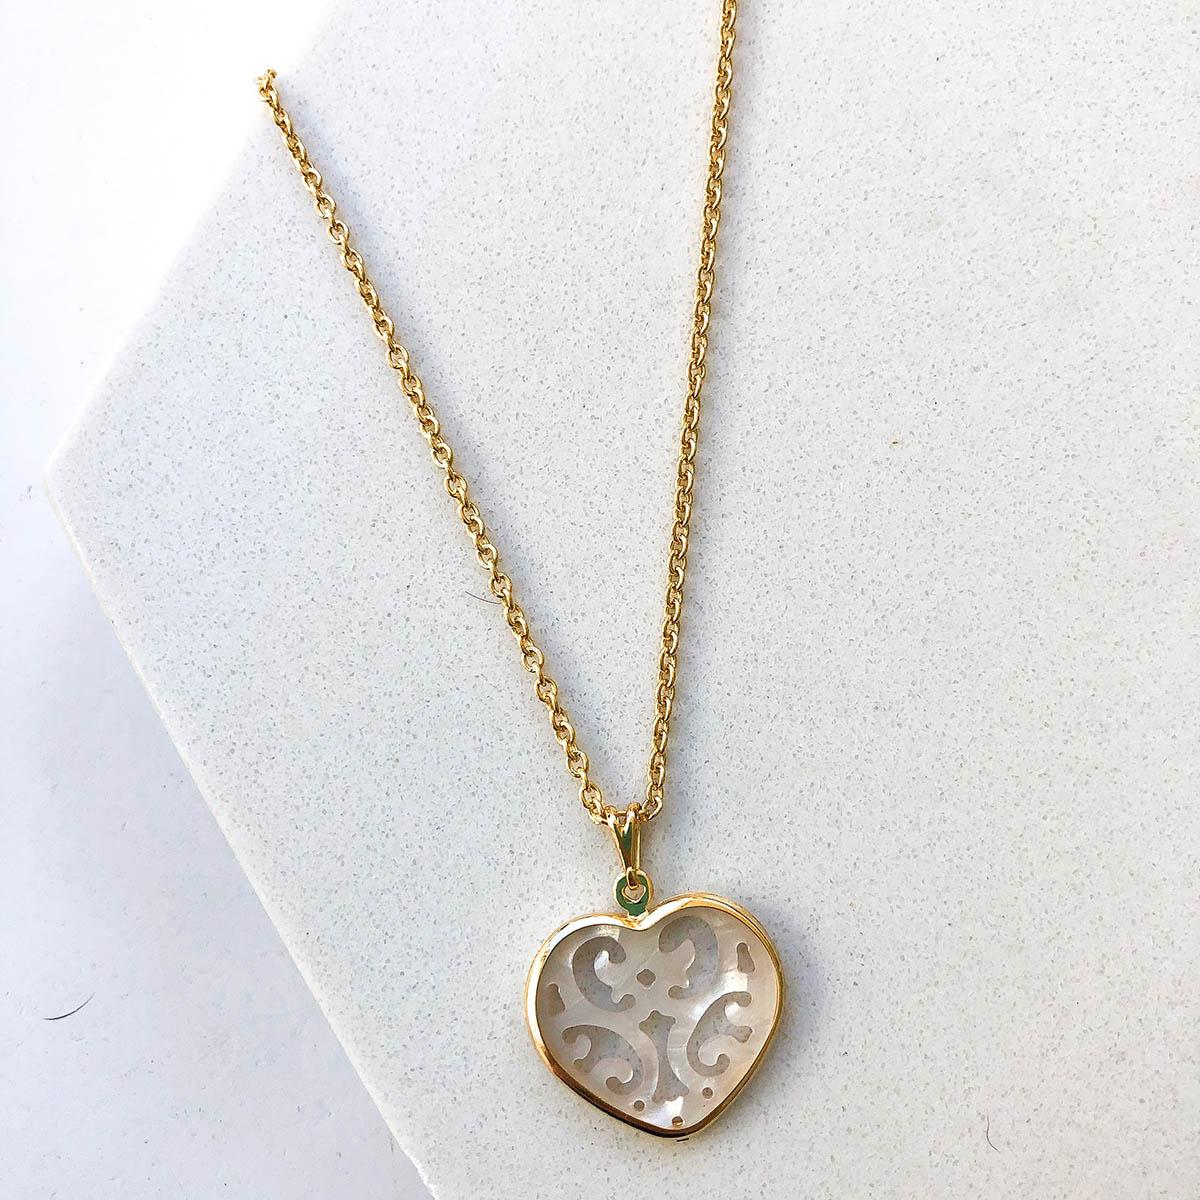 Colar Banhado a Ouro 18k Longo com Pingente Coração Desenhado